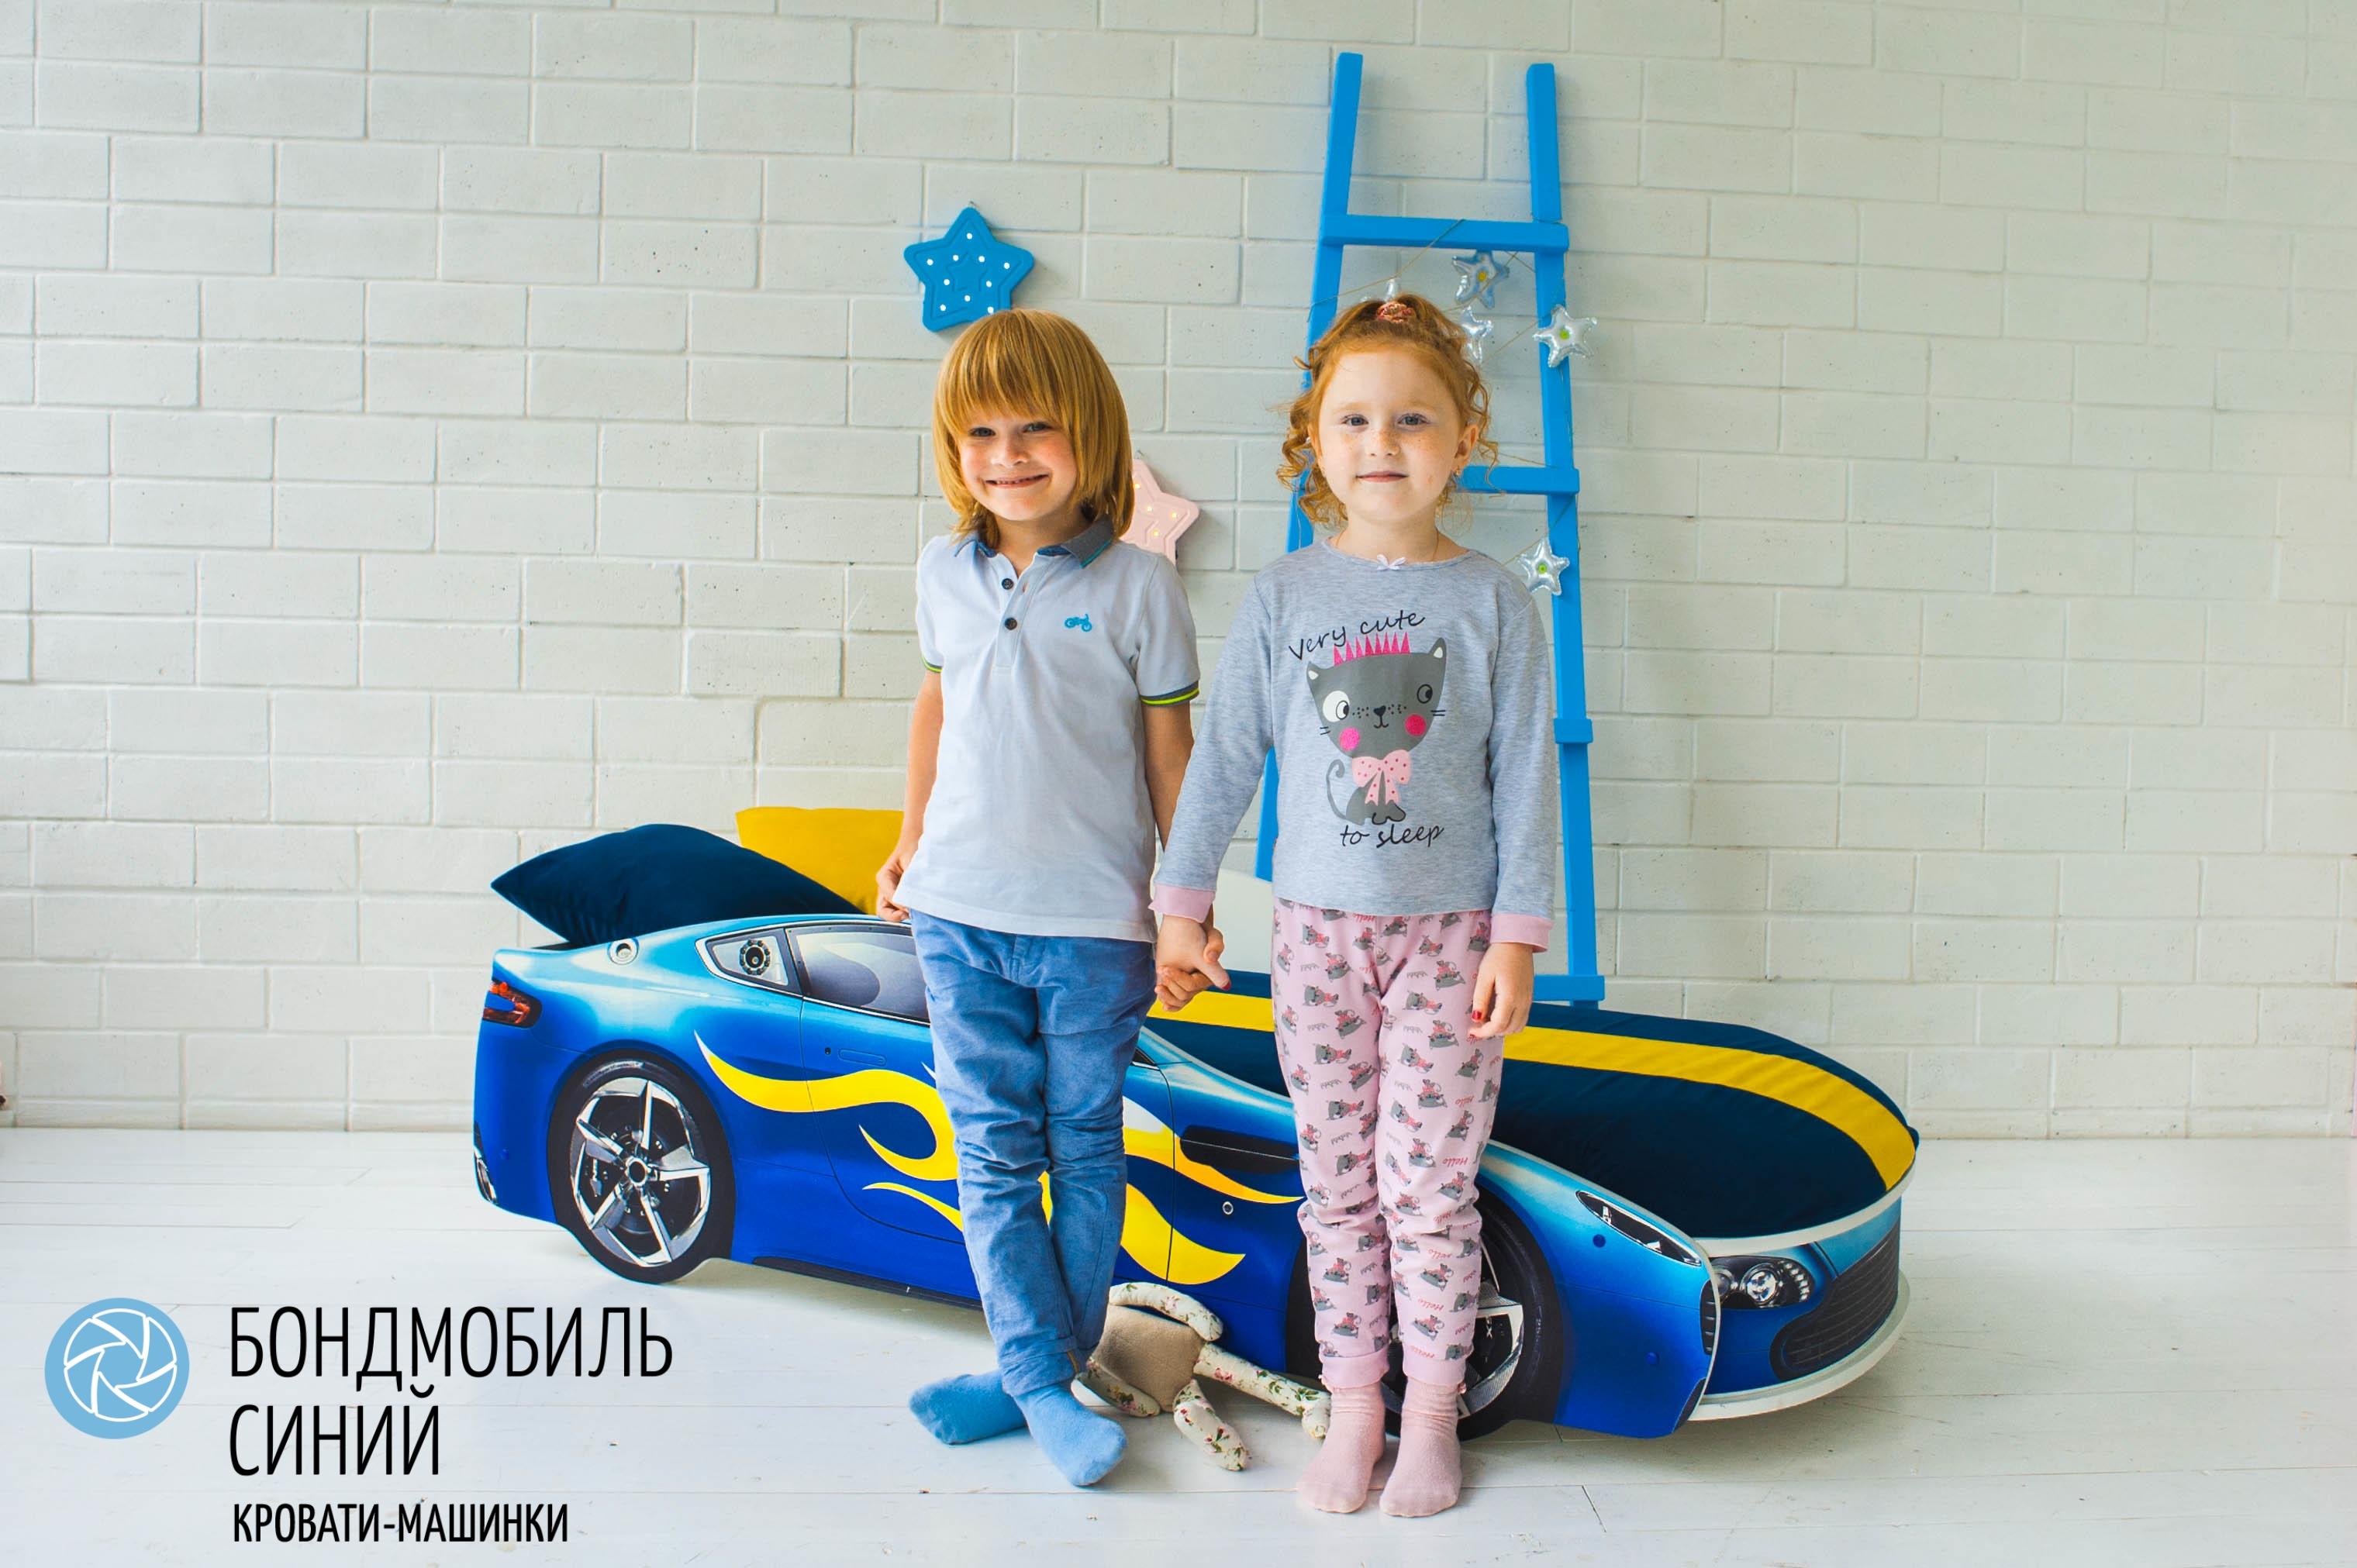 Детская кровать-машина синий -Бондмобиль-9